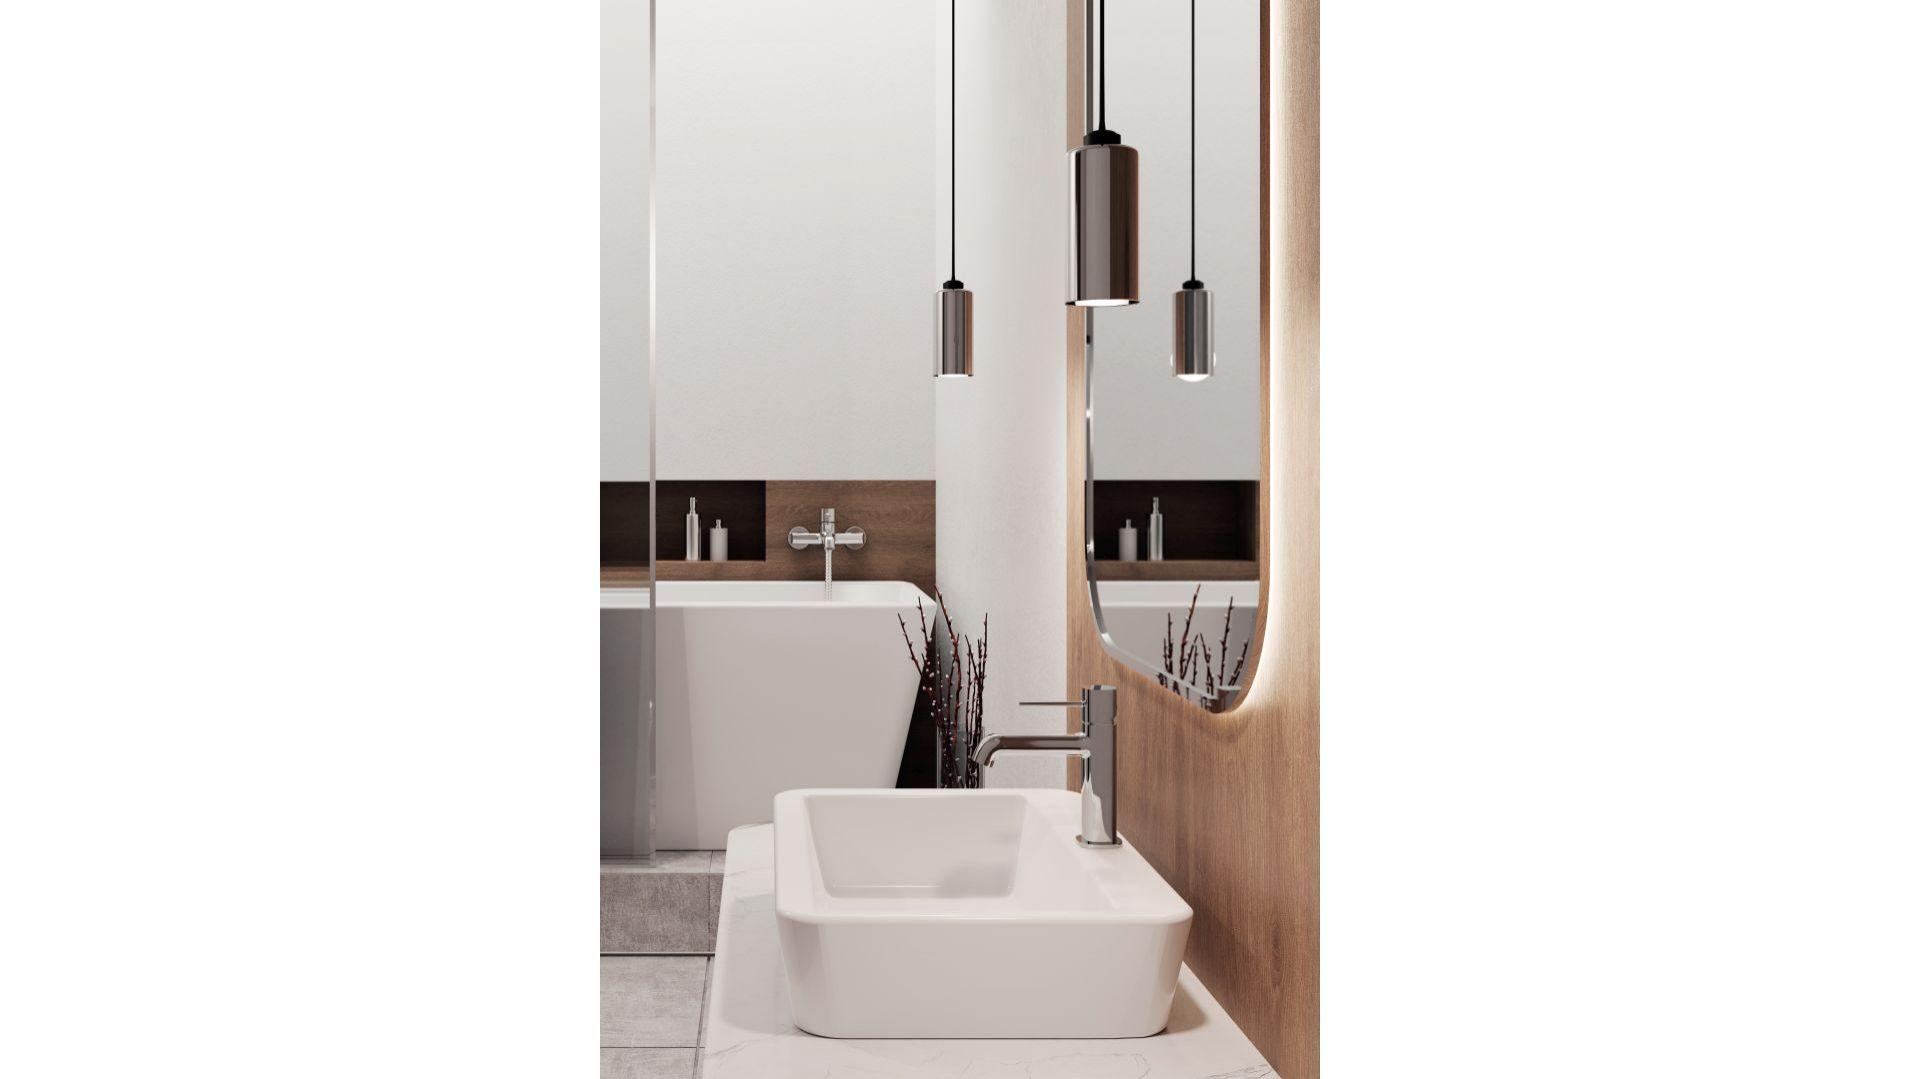 Seria armatury łazienkowej Polla/Laveo. Produkt zgłoszony do konkursu Dobry Design 2020.